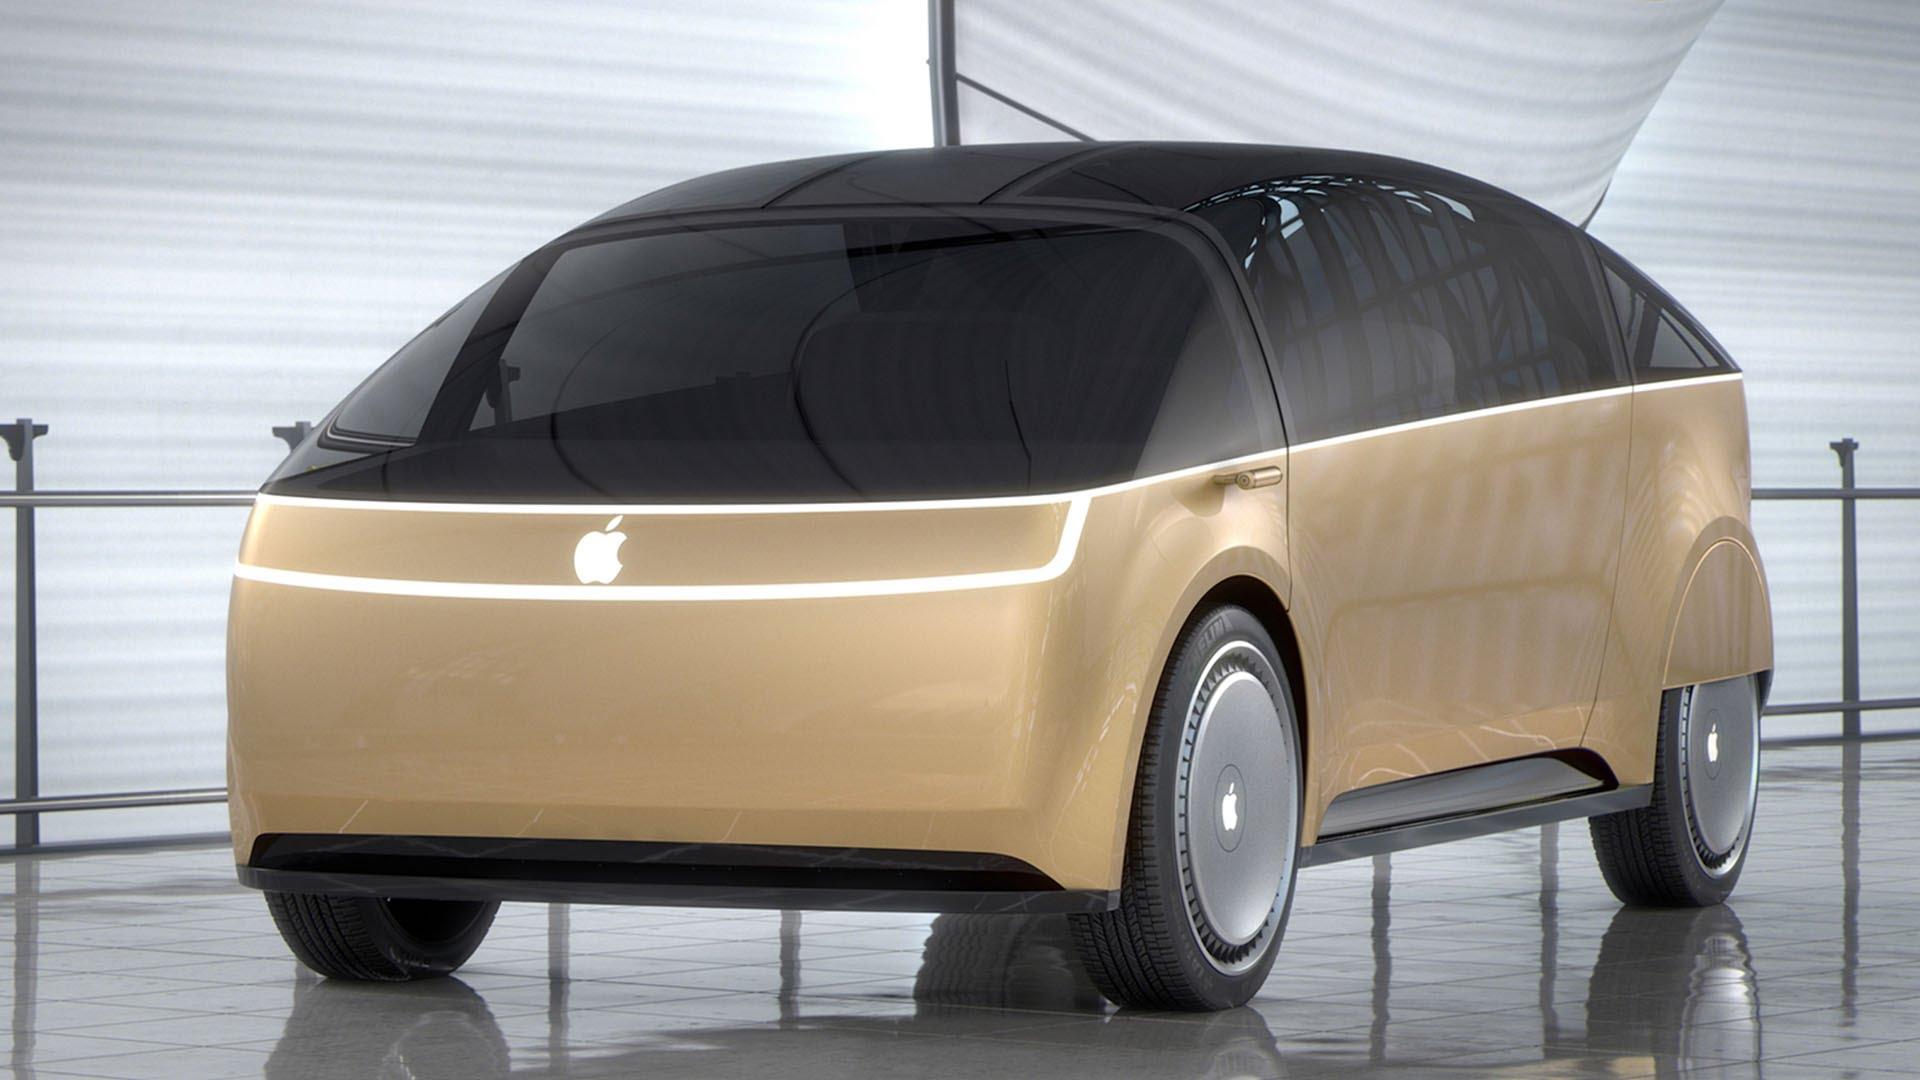 Число беспилотников в автопарке Apple выросло до 55 единиц